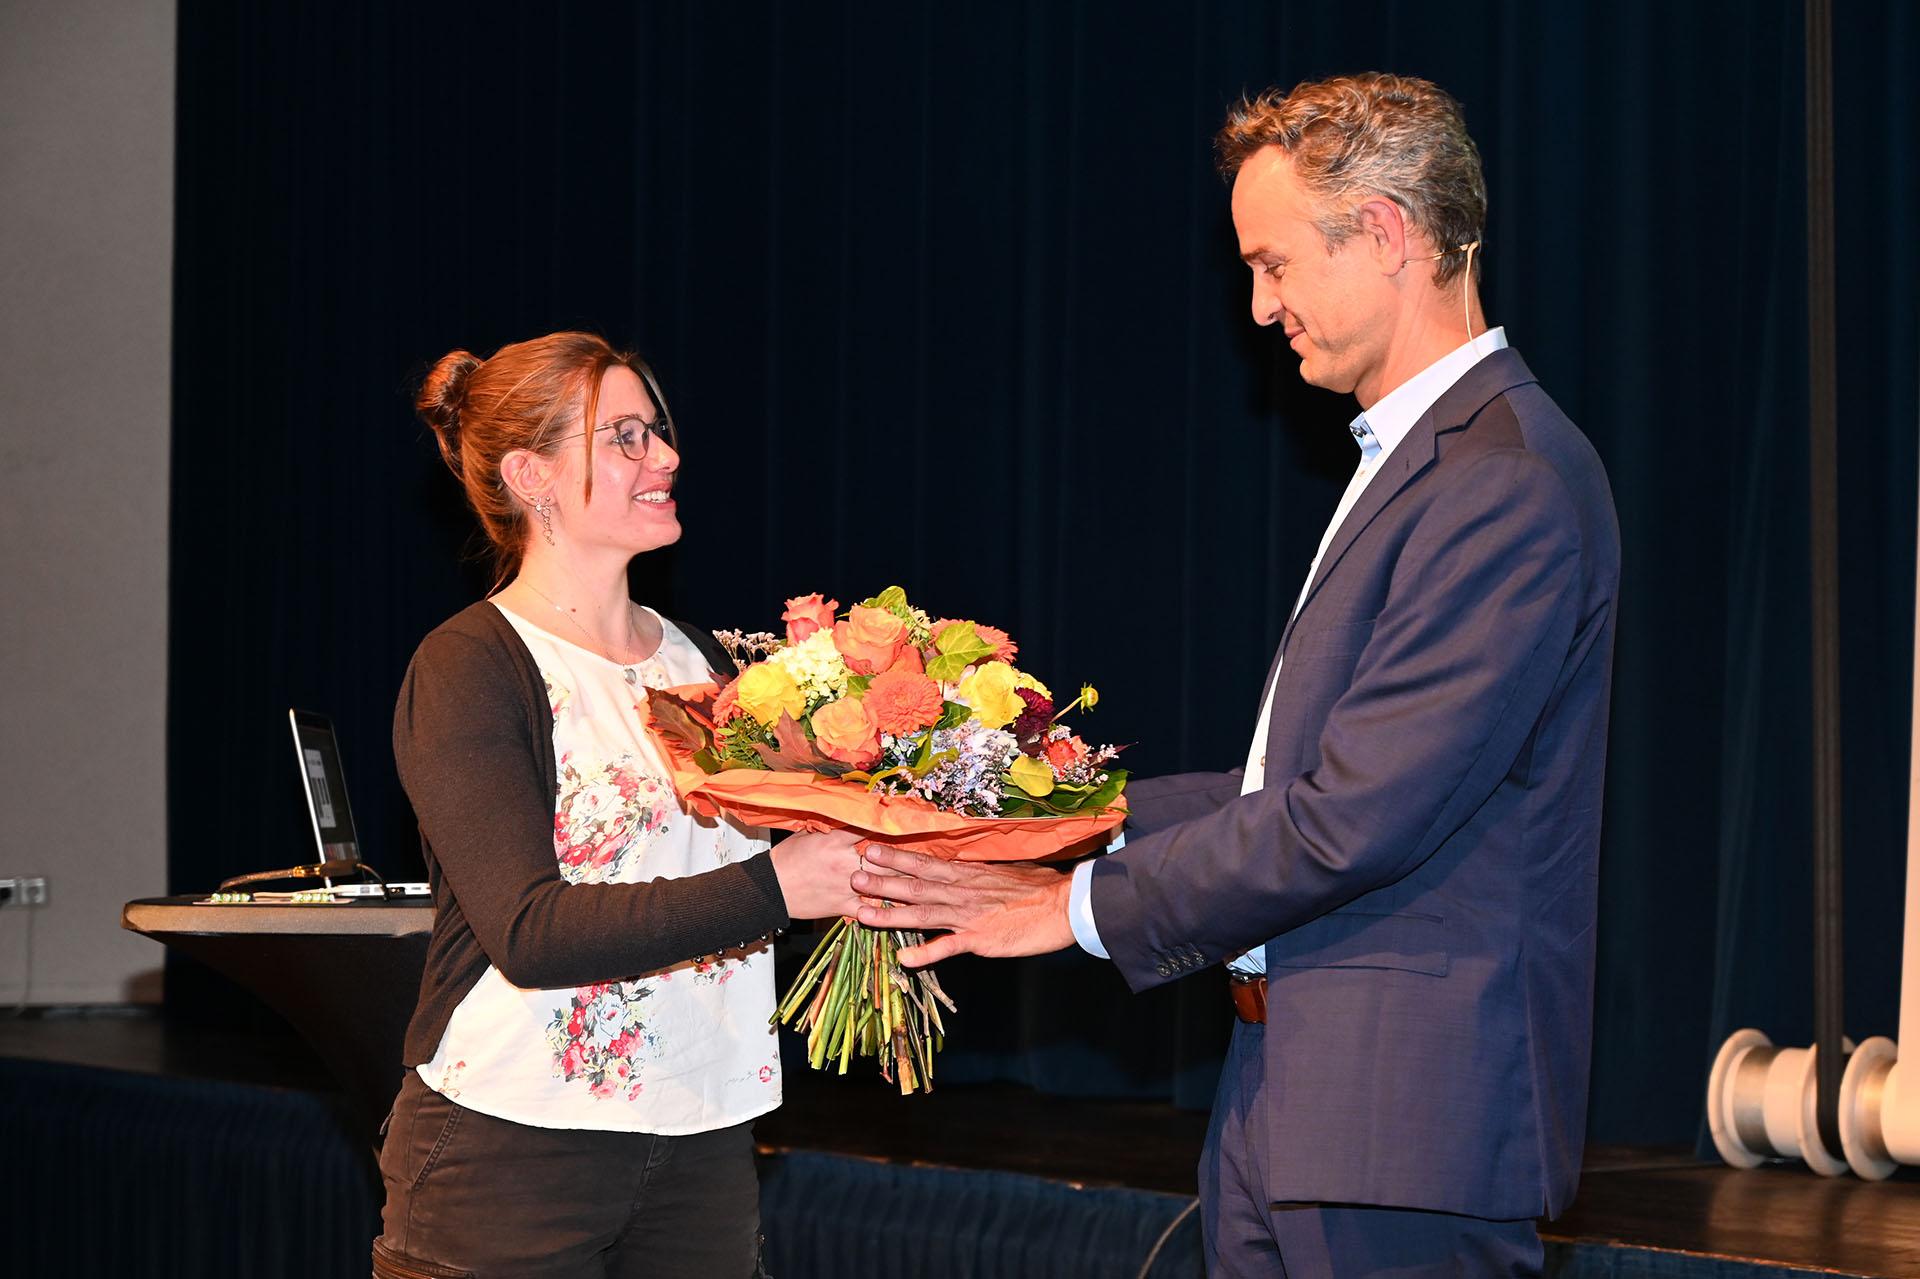 Blumen für Dr. Daniele Ganser nach seinem Vortrag